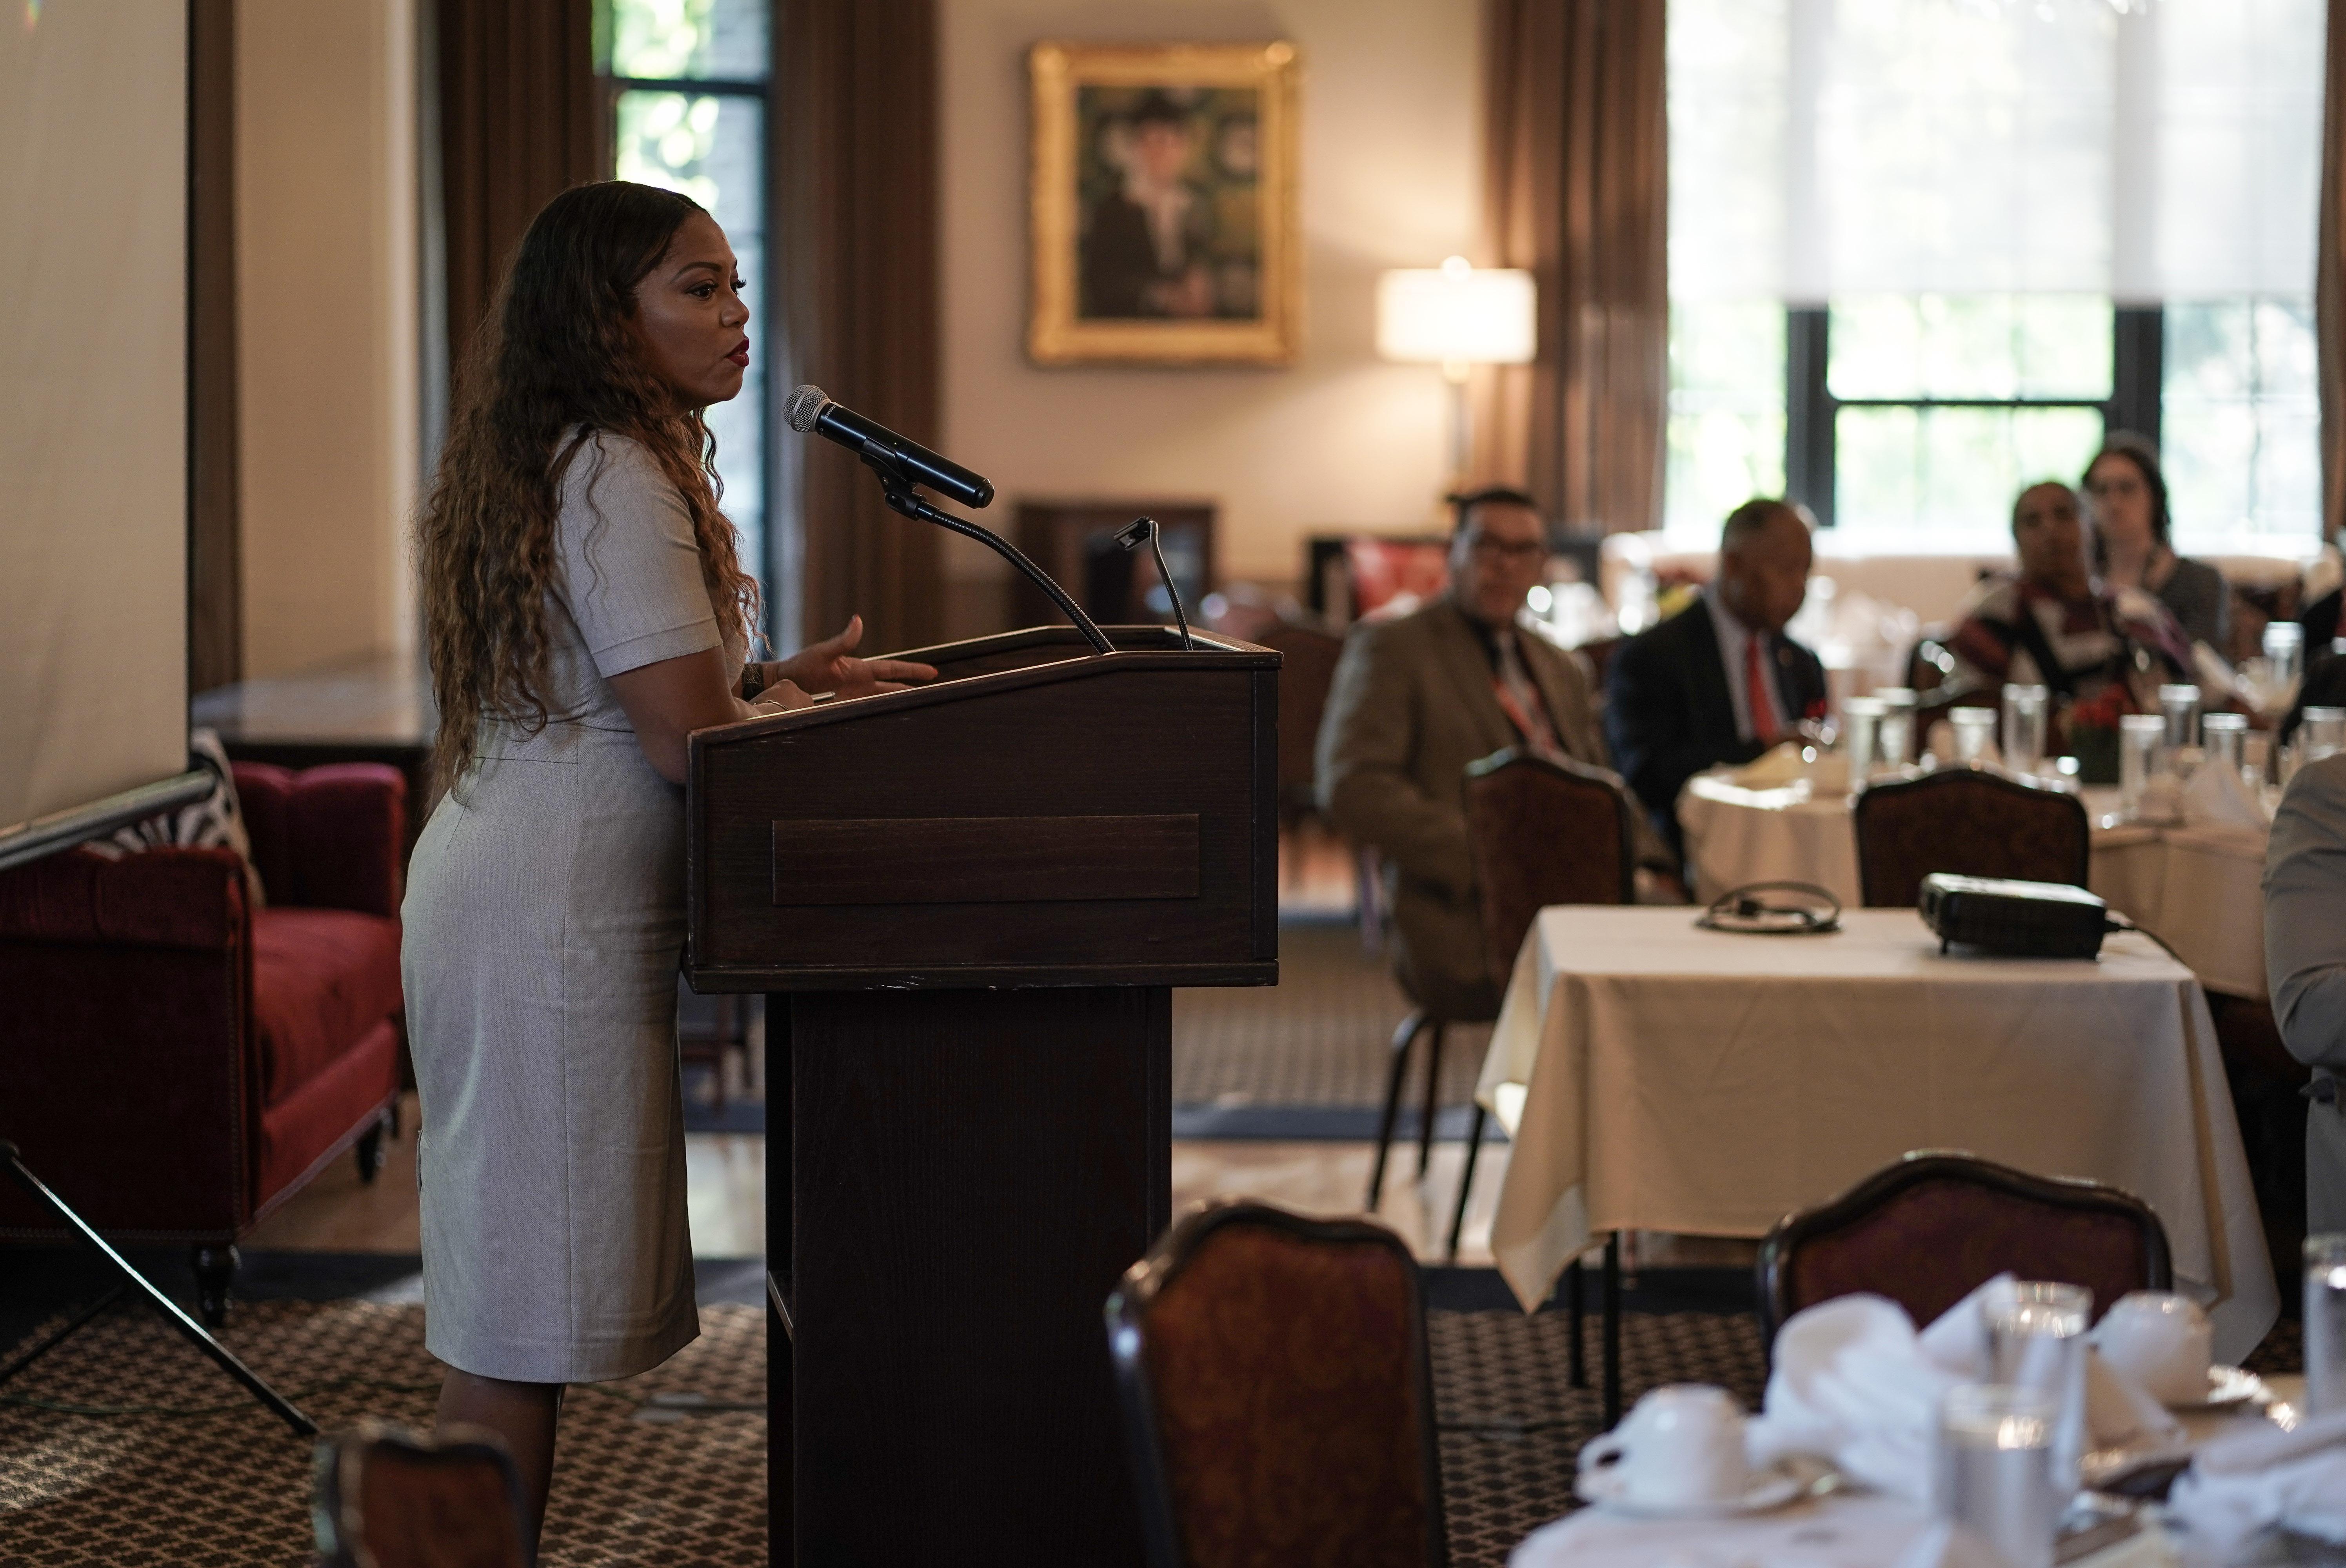 African American women speaking at podium